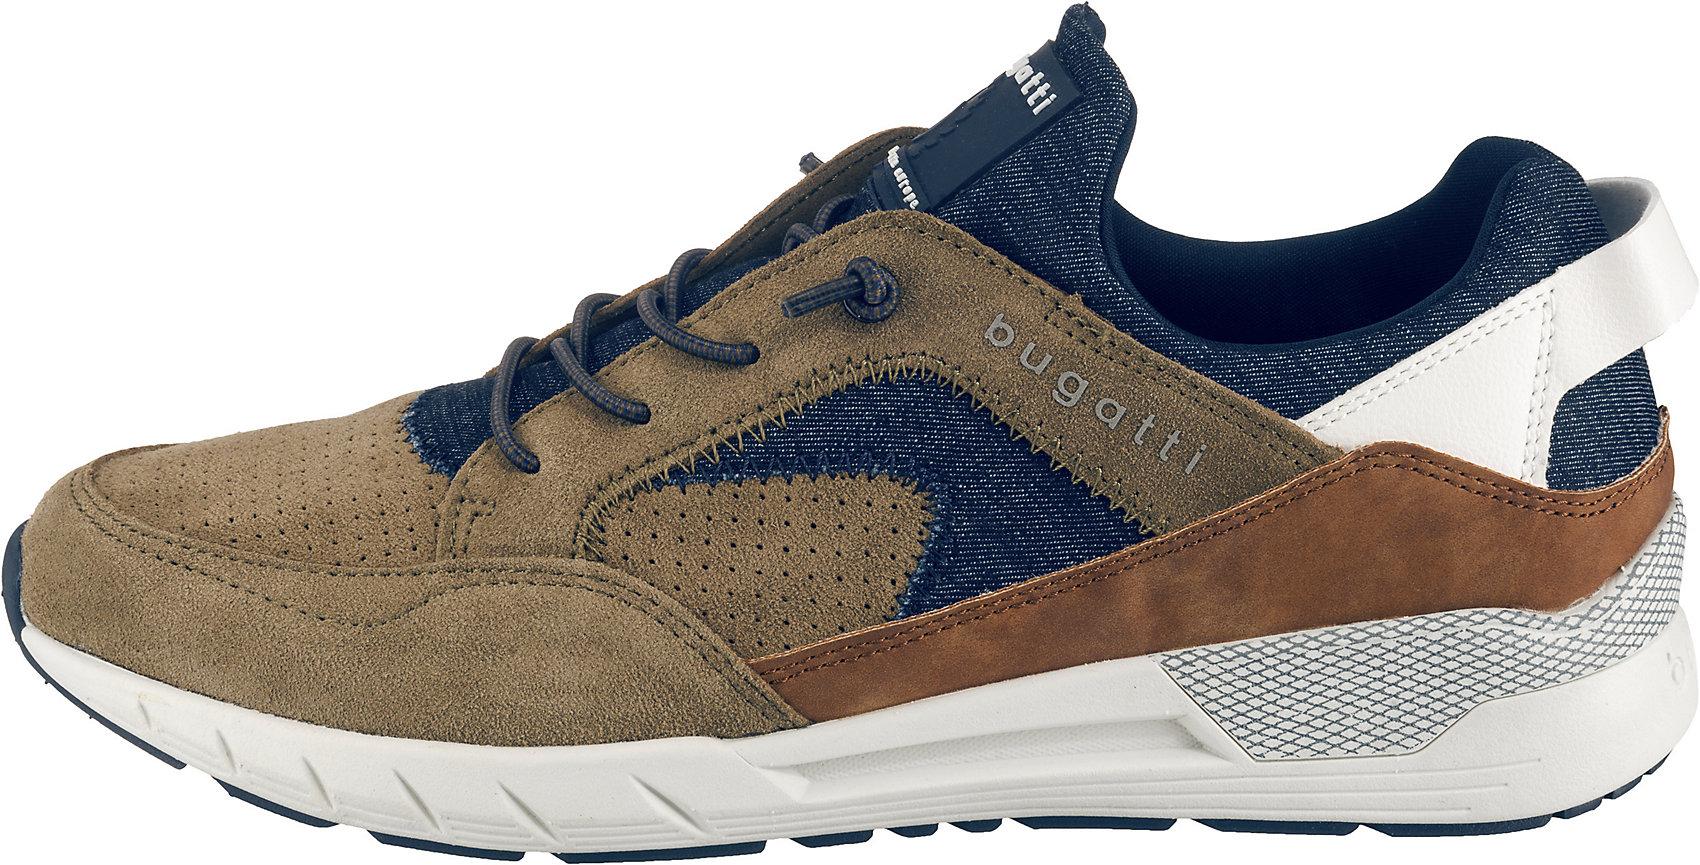 Details zu Neu bugatti Kona Sneakers Low 10410535 für Herren taupe